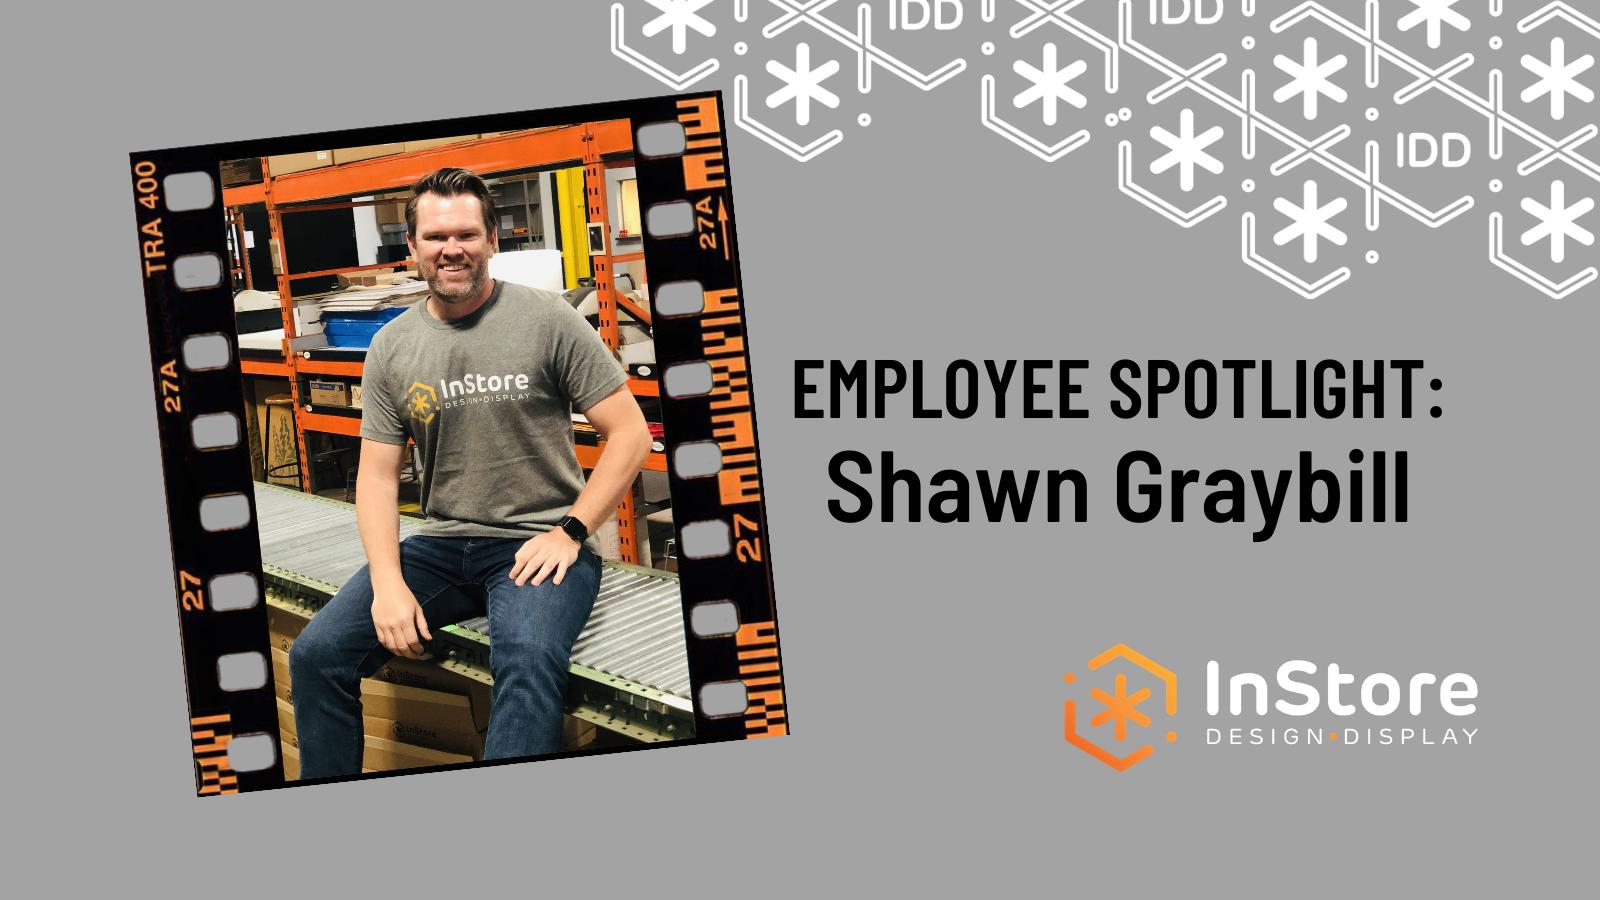 IDD Team Member Spotlight: Shawn Graybill